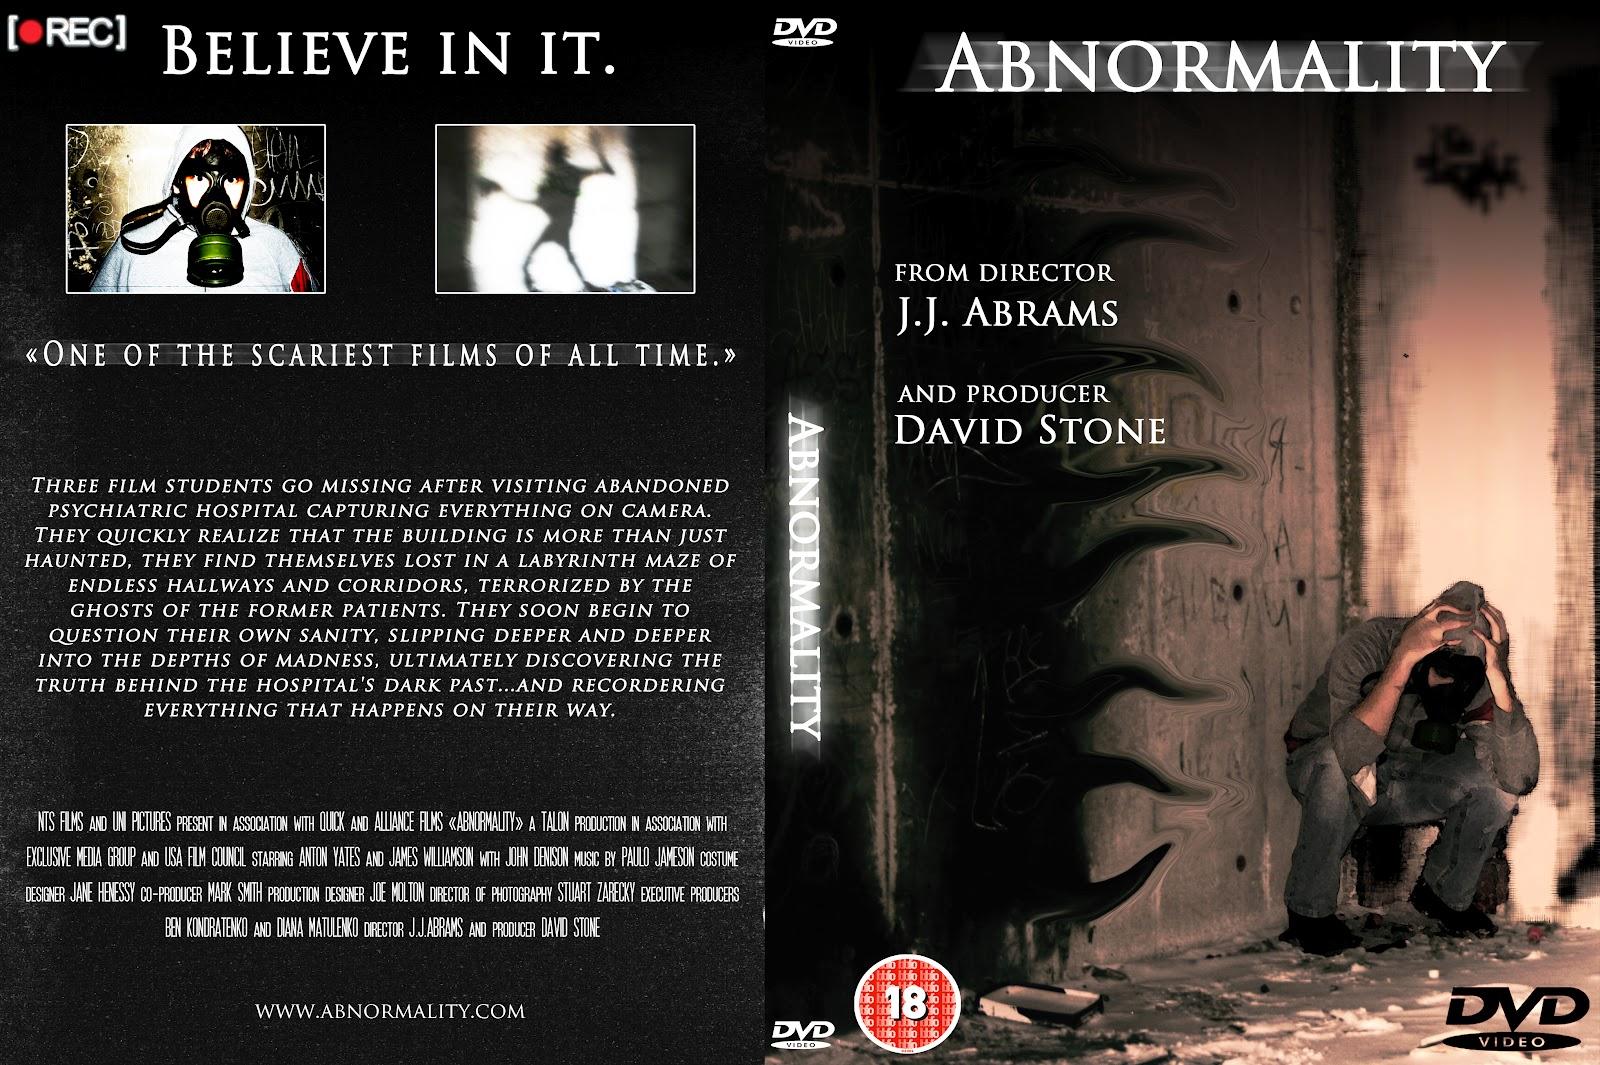 Antons Kondratenko AS Media Horror CourseWork: DVD COVER FINAL